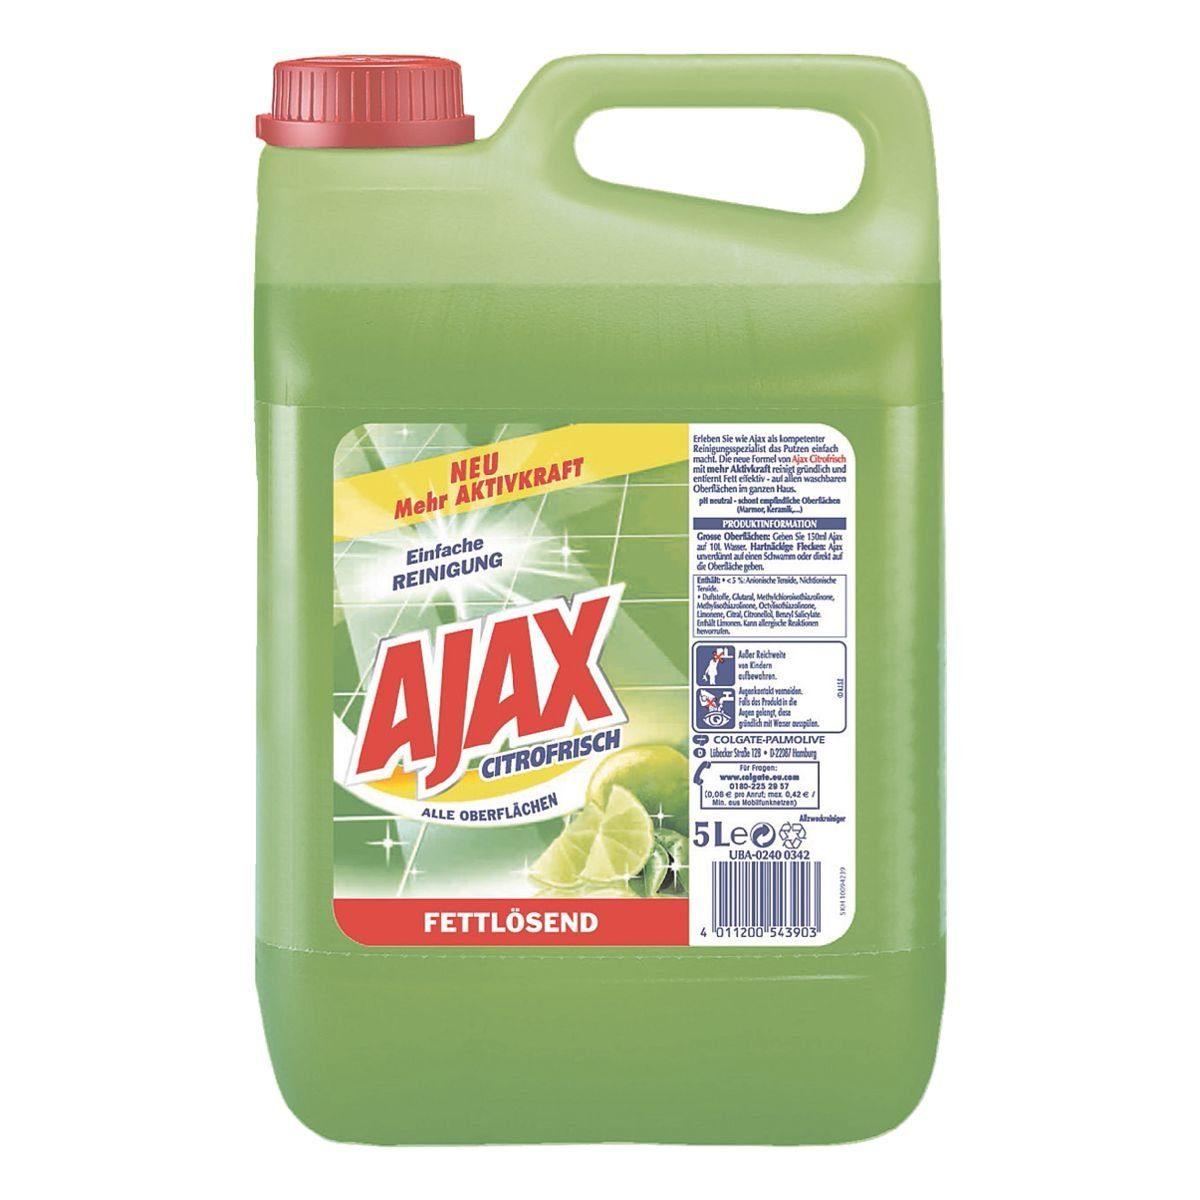 Allzweck-Reiniger »Ajax Citrofrisch«